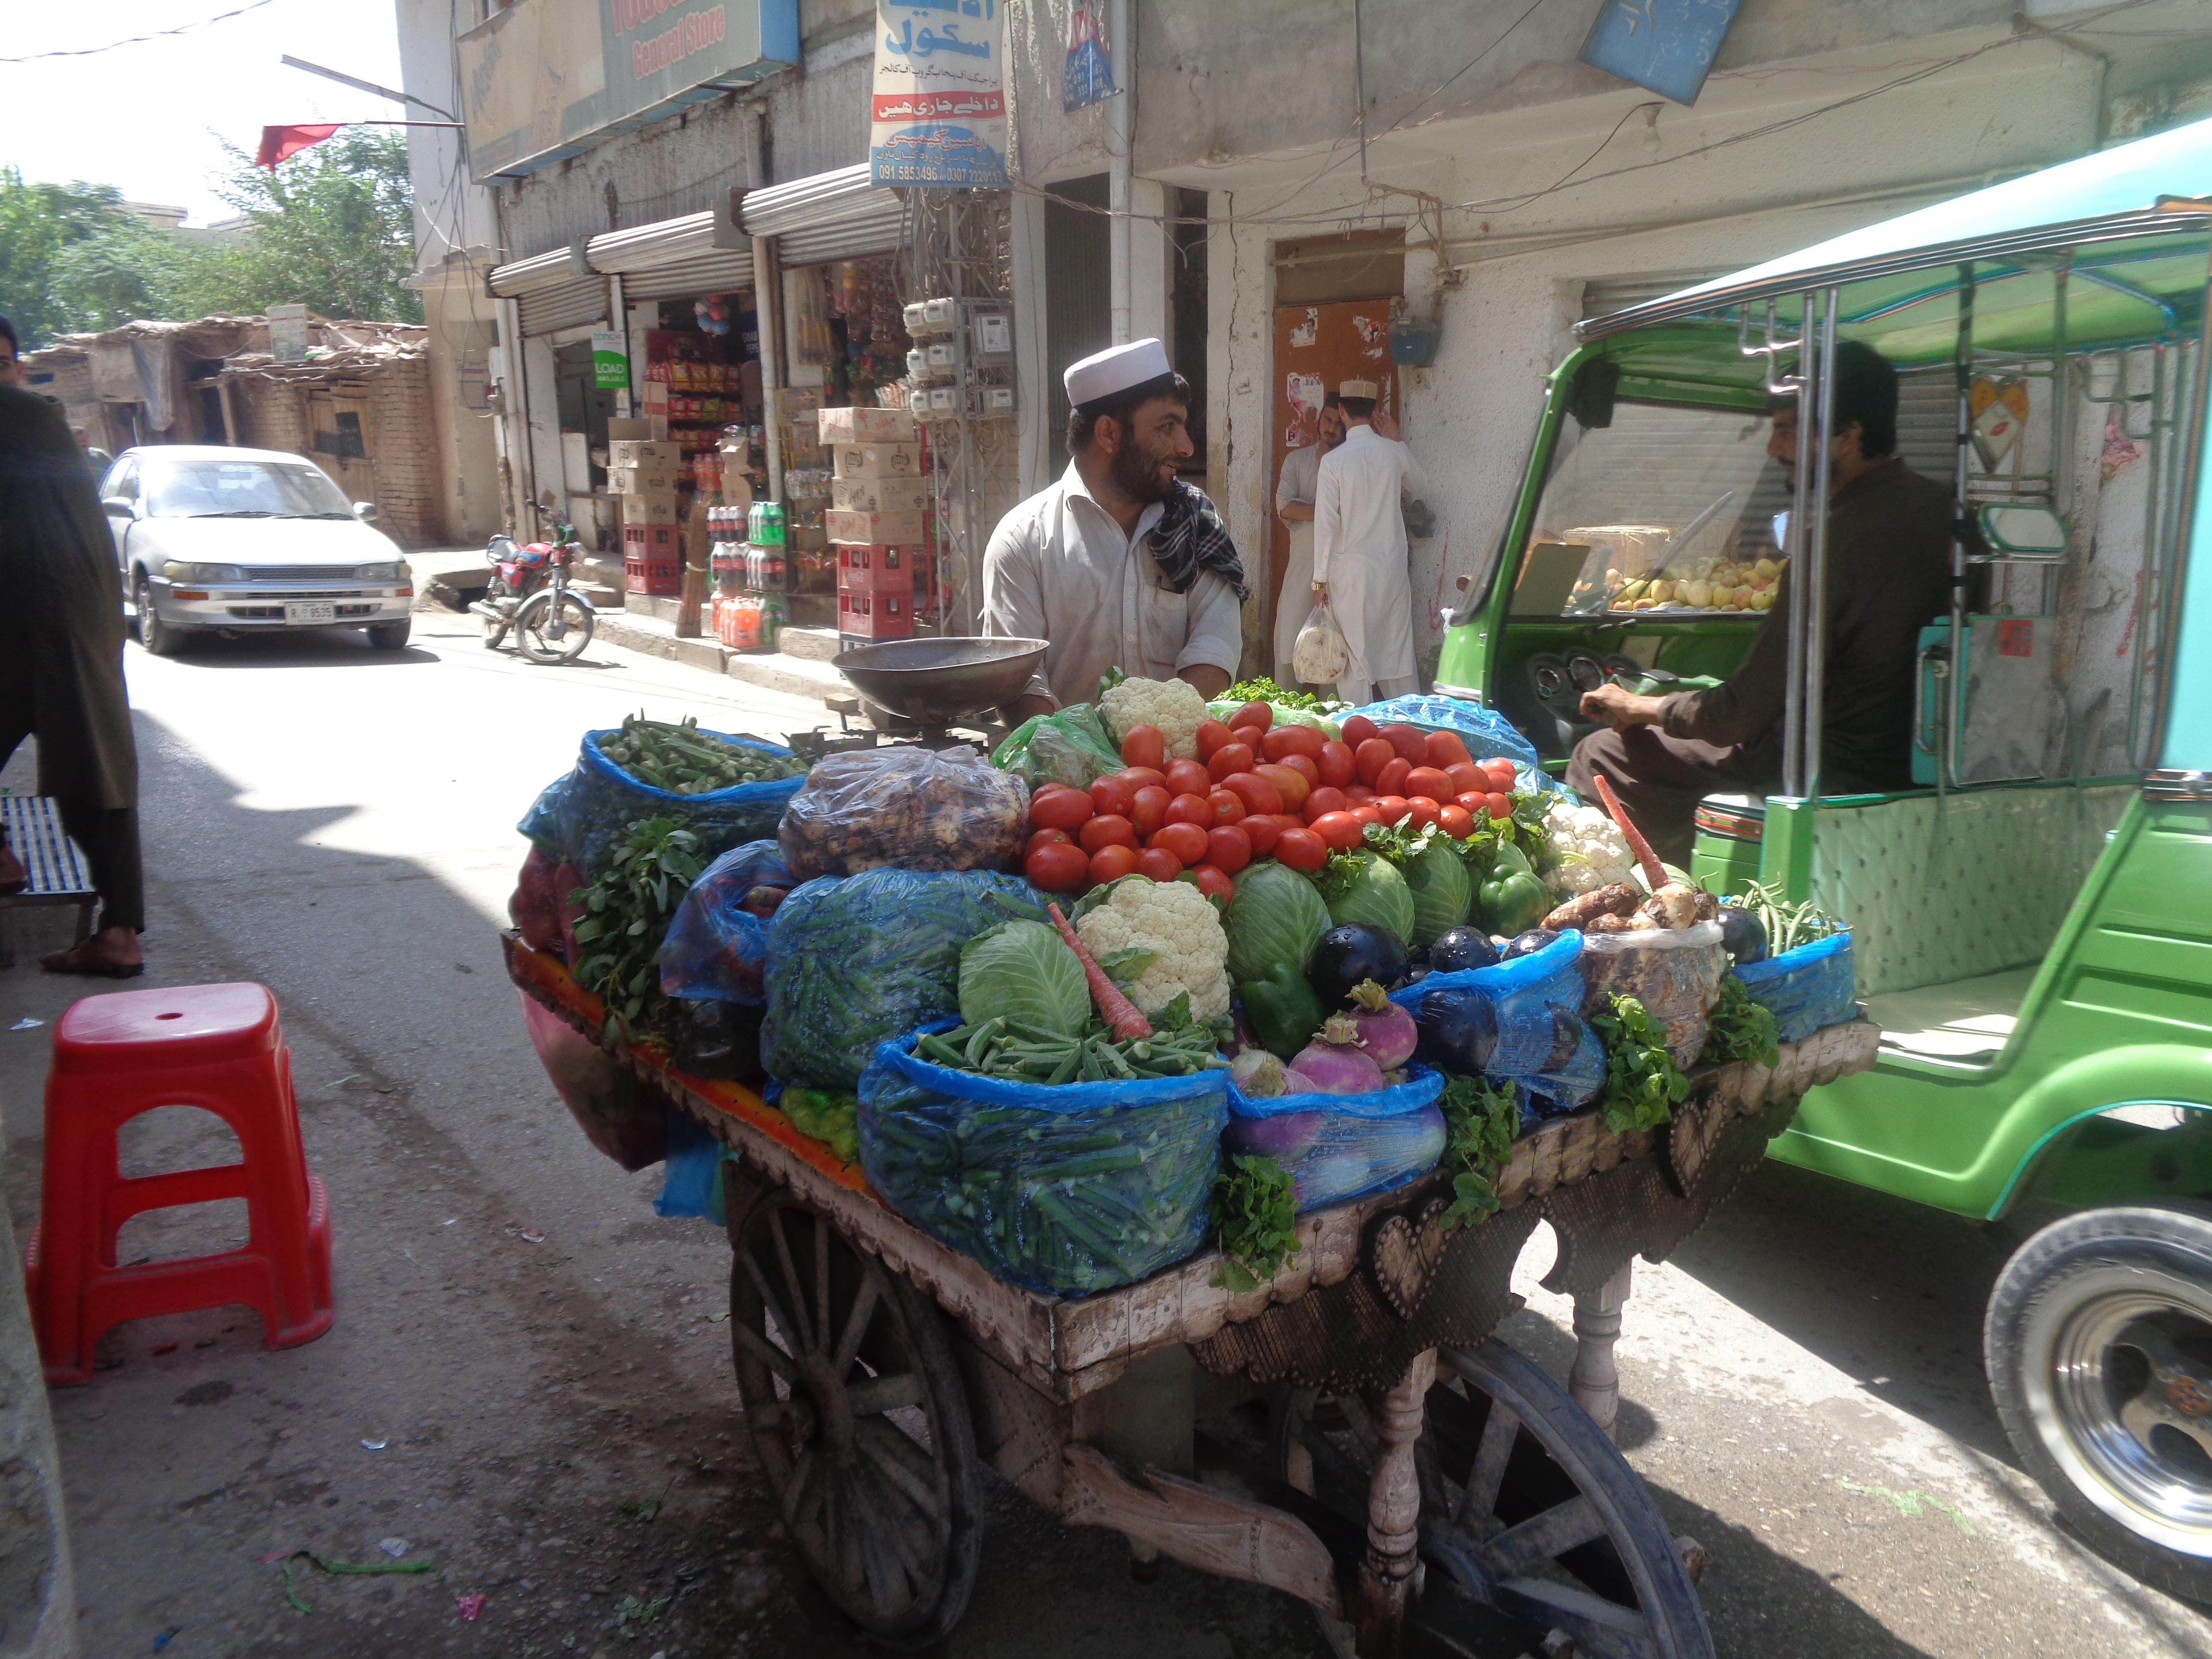 پاکستان میں موجود افغان مہاجرین نے شہریت کے وعدے کو خوش آمدید کہا